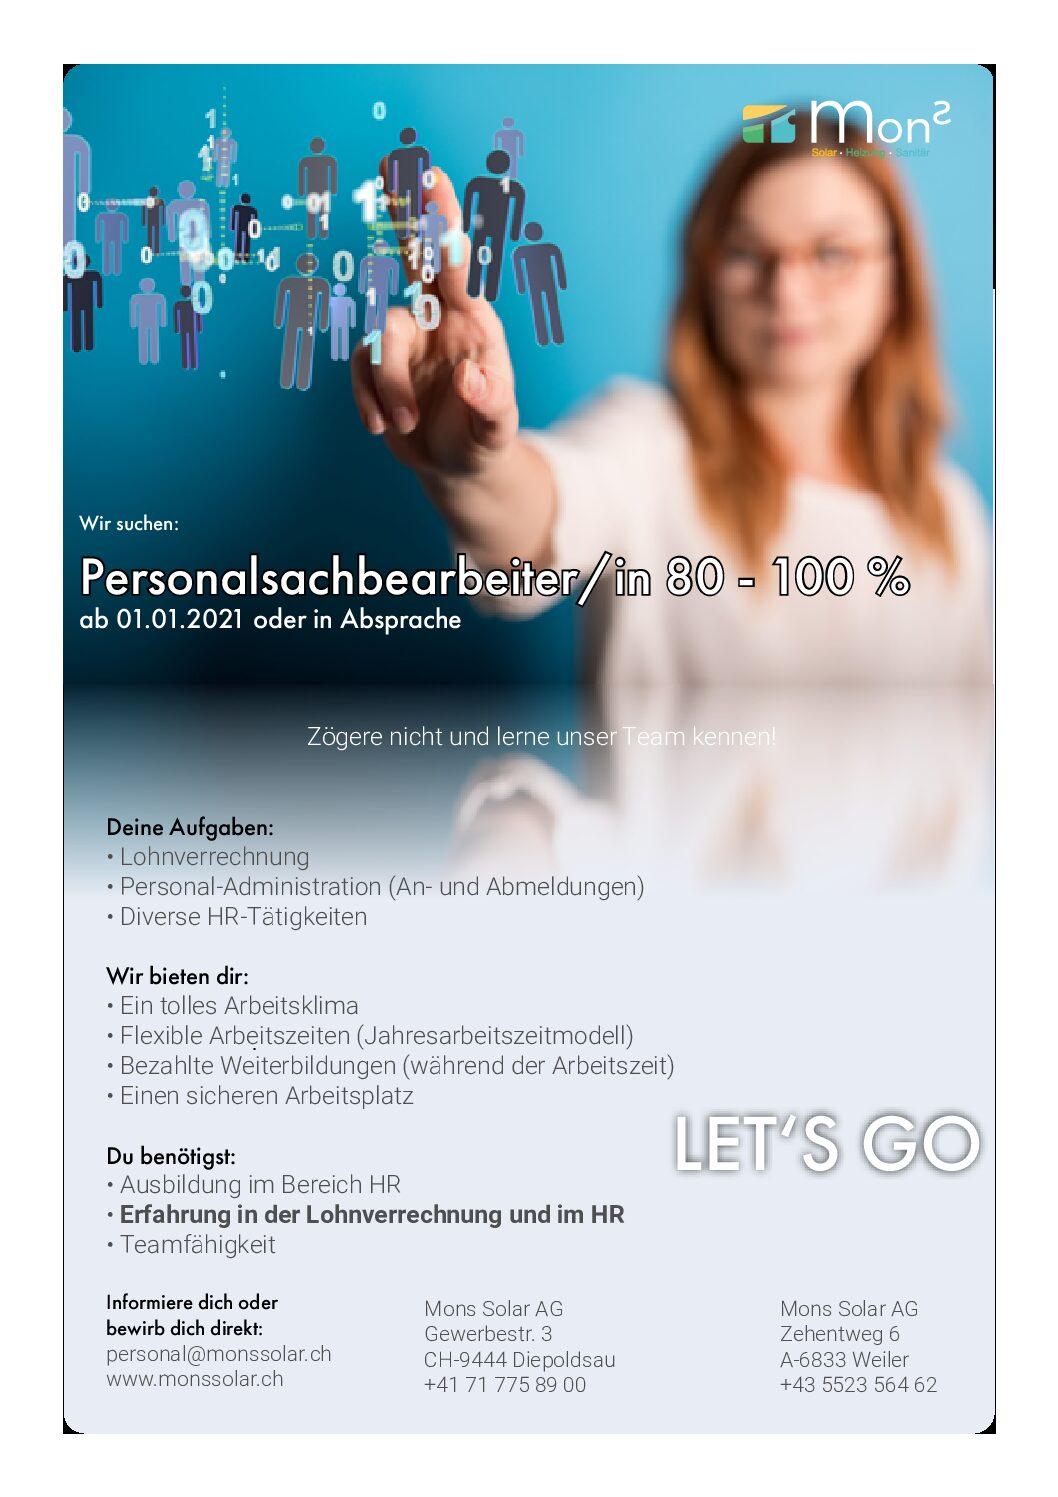 HR Personalsachbearbeiterin 80-100%